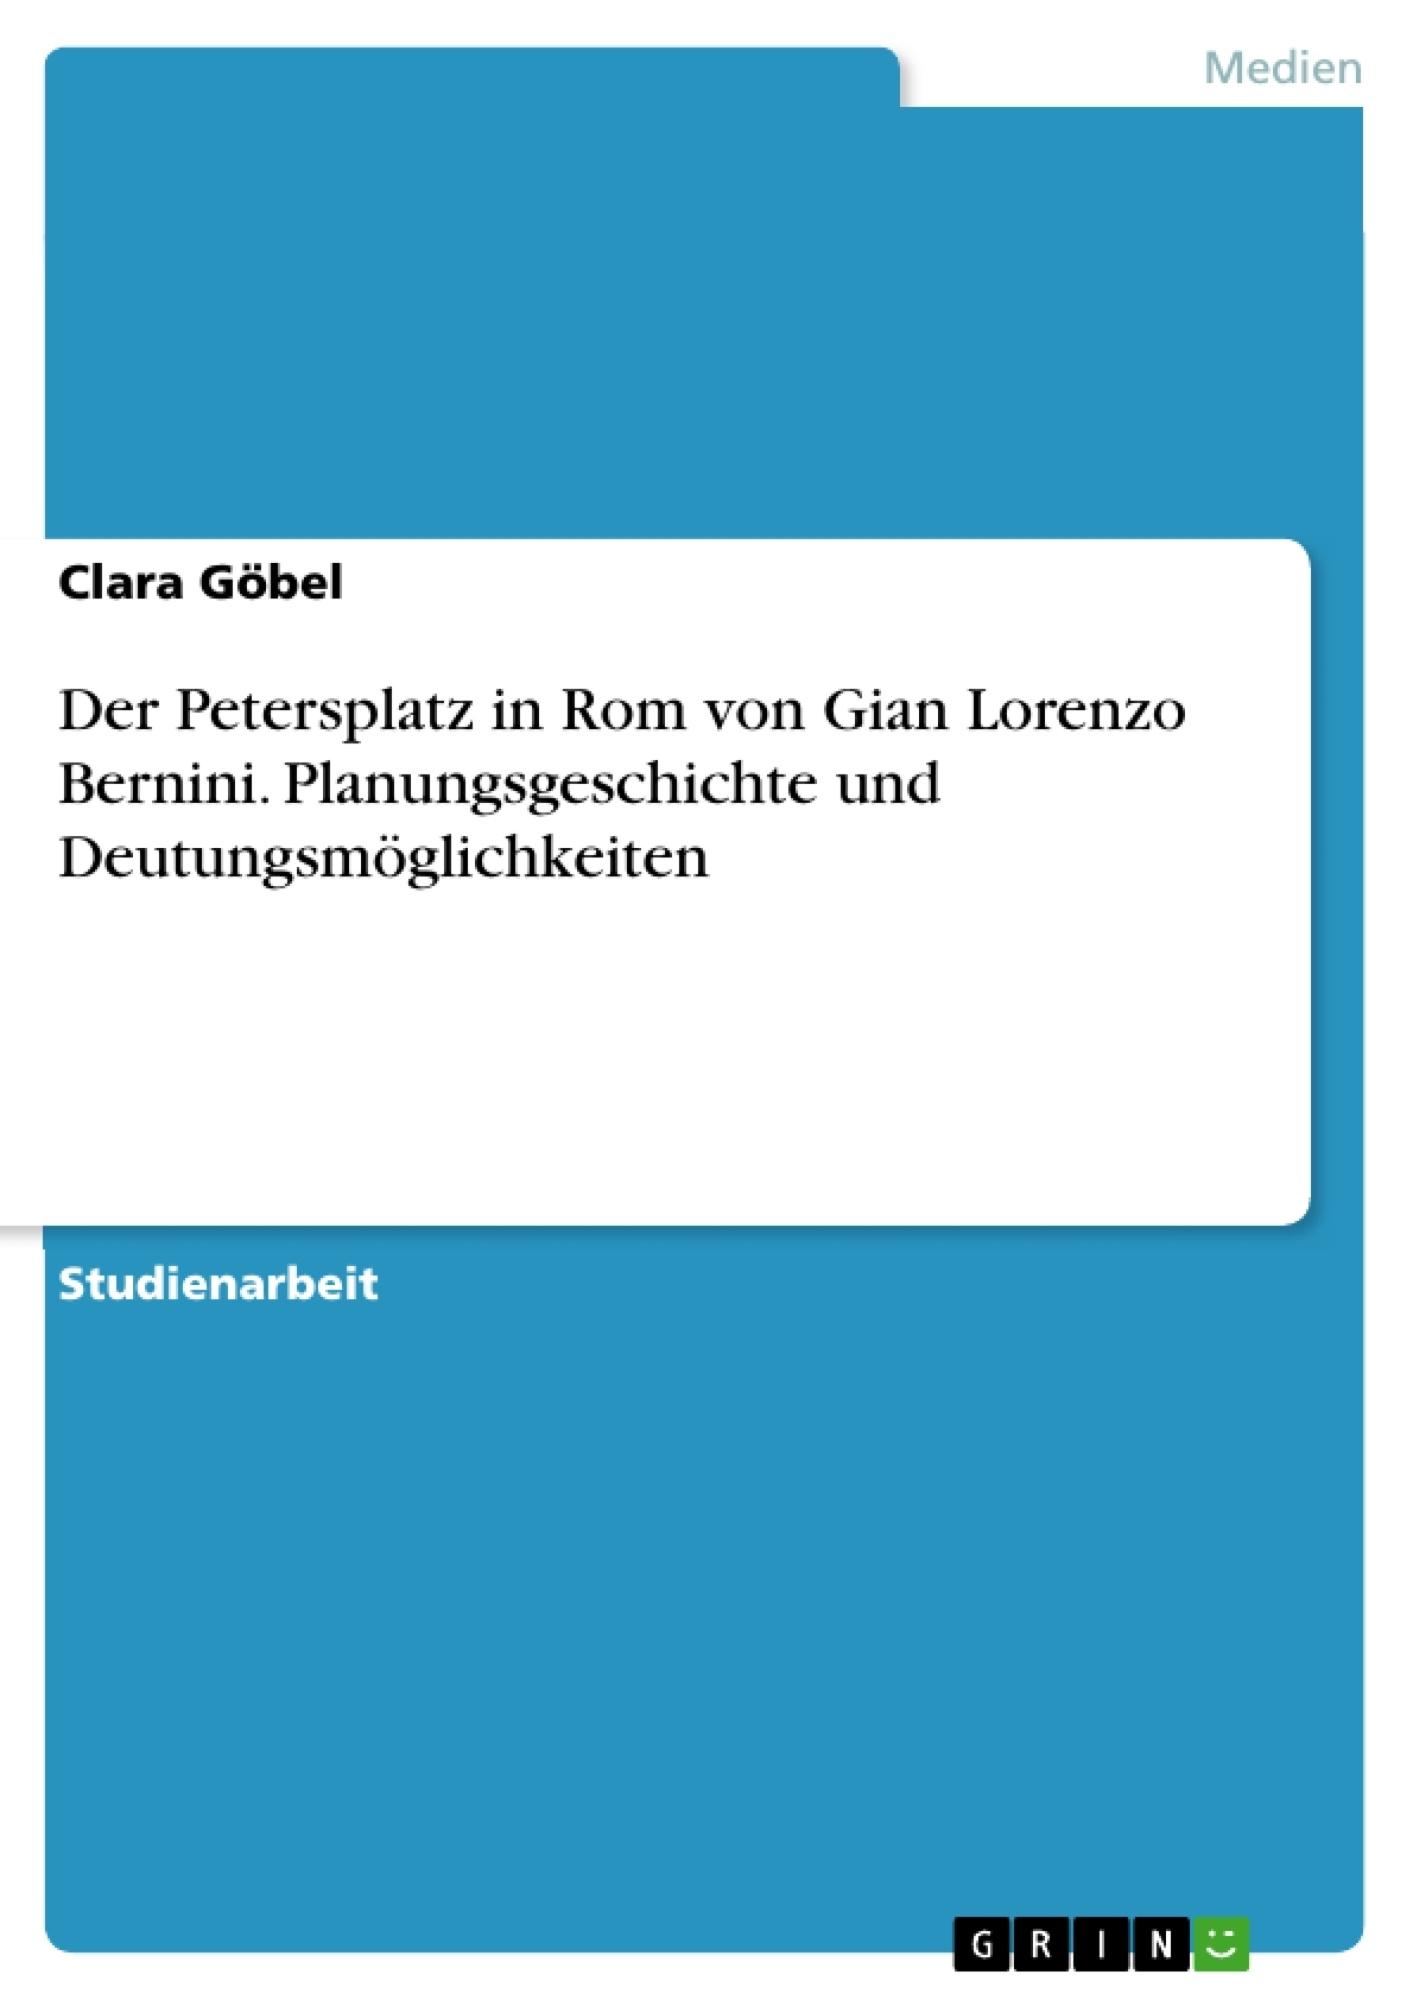 Titel: Der Petersplatz in Rom von Gian Lorenzo Bernini. Planungsgeschichte und Deutungsmöglichkeiten